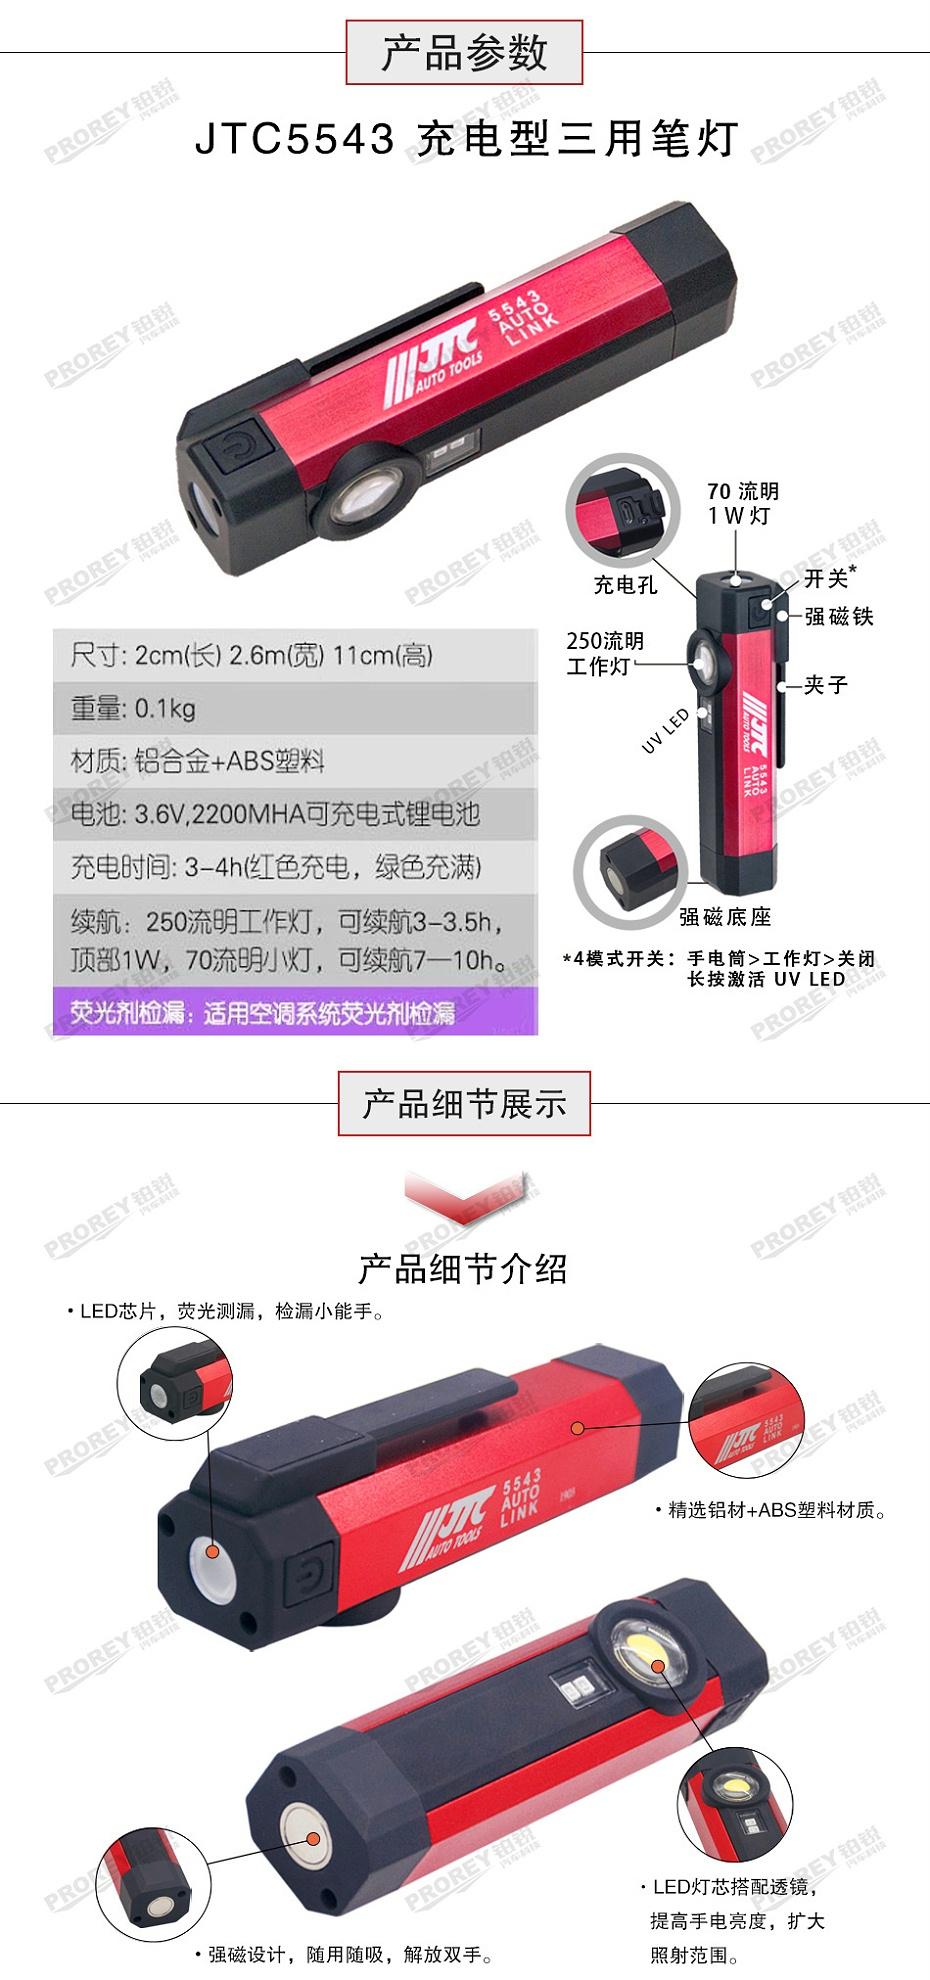 GW-190090008-JTC-5543-锂电手持LED灯-2